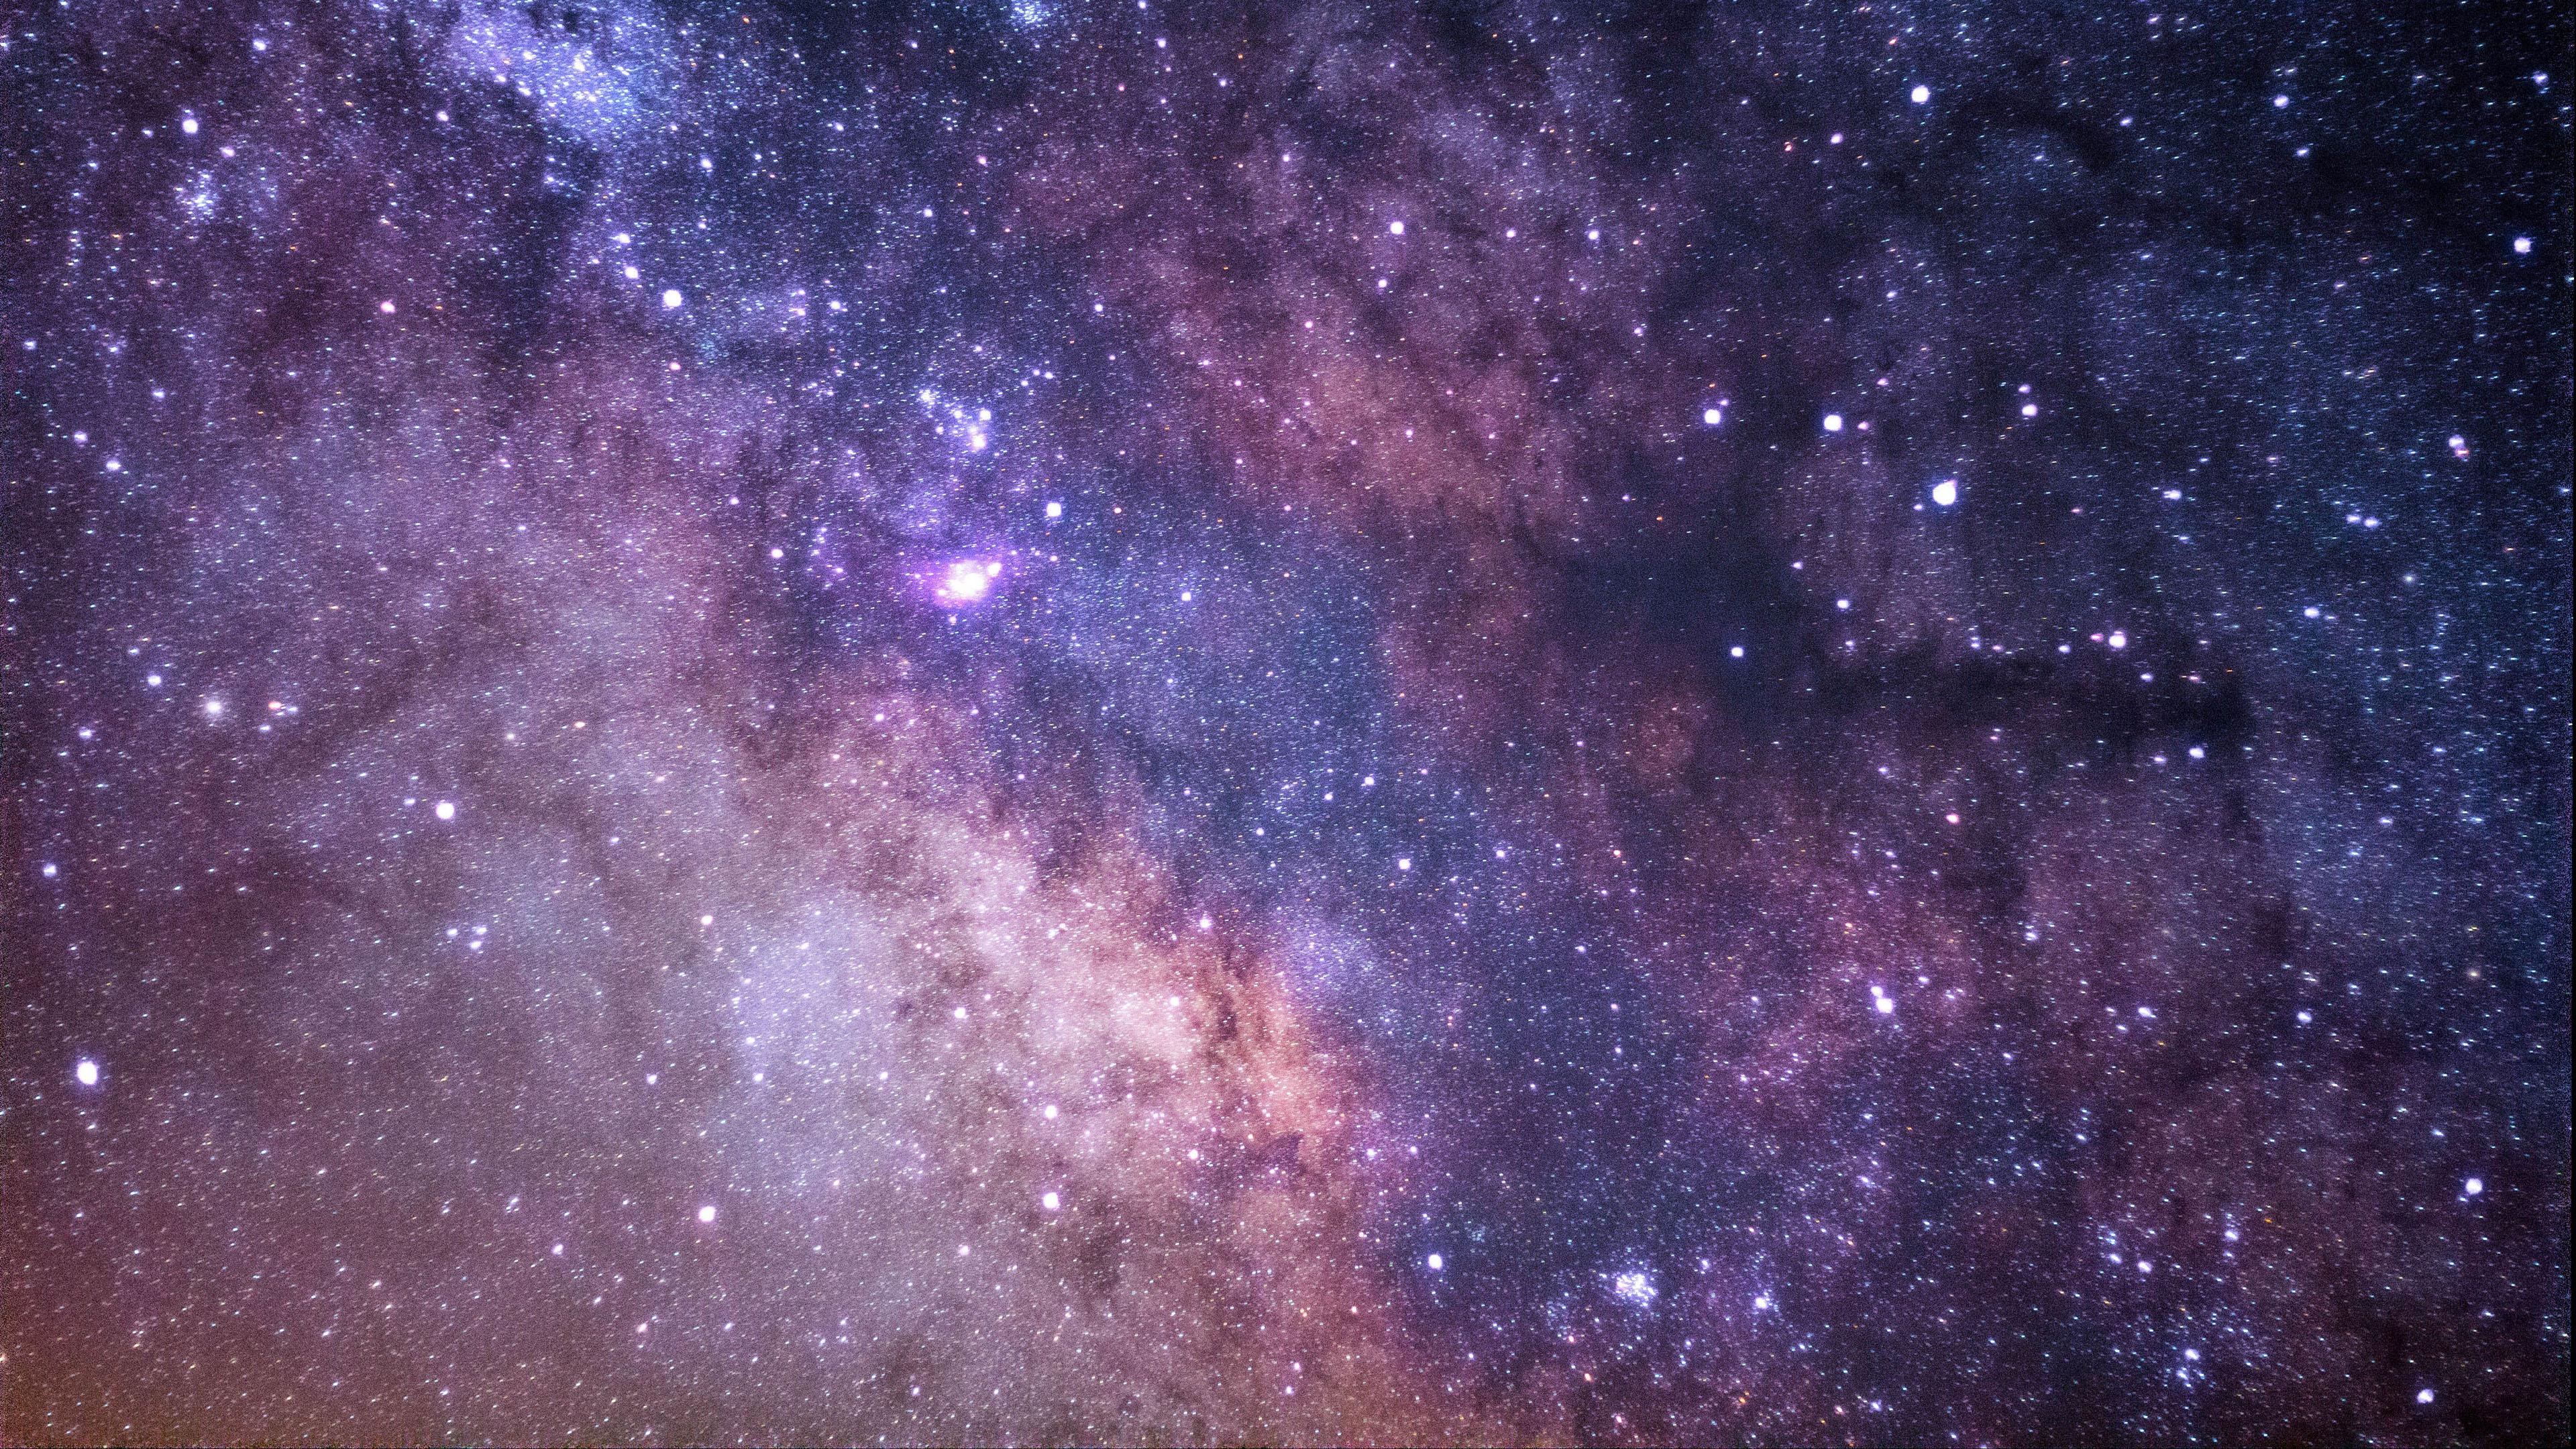 HDoboi.Kiev.ua - Млечный путь в космосе, скачать обои на стол галактика